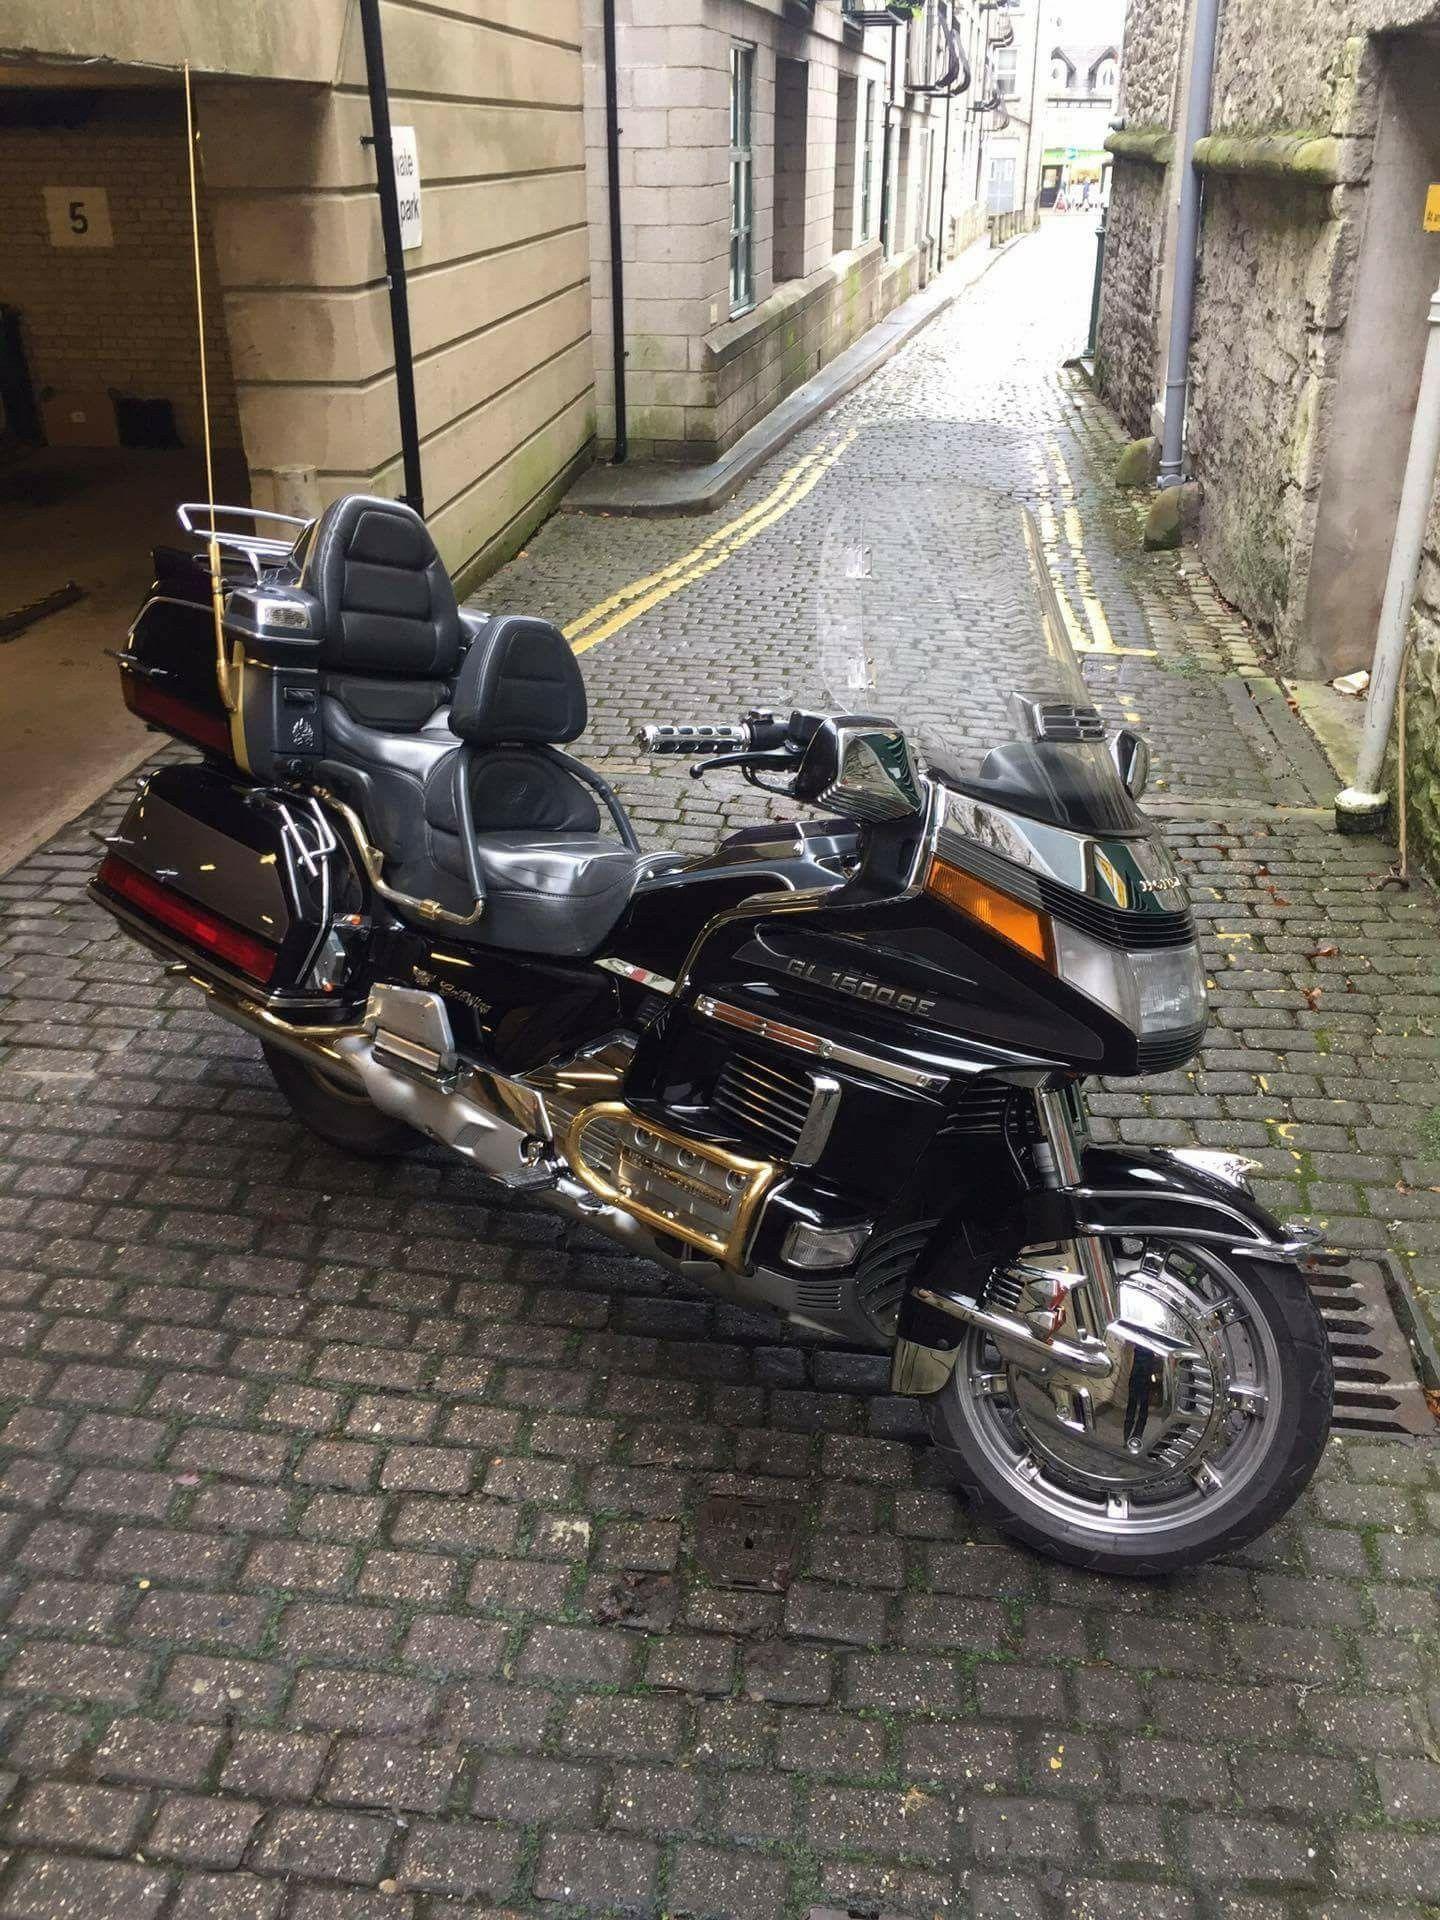 Pin On Gl1500 1988 2000